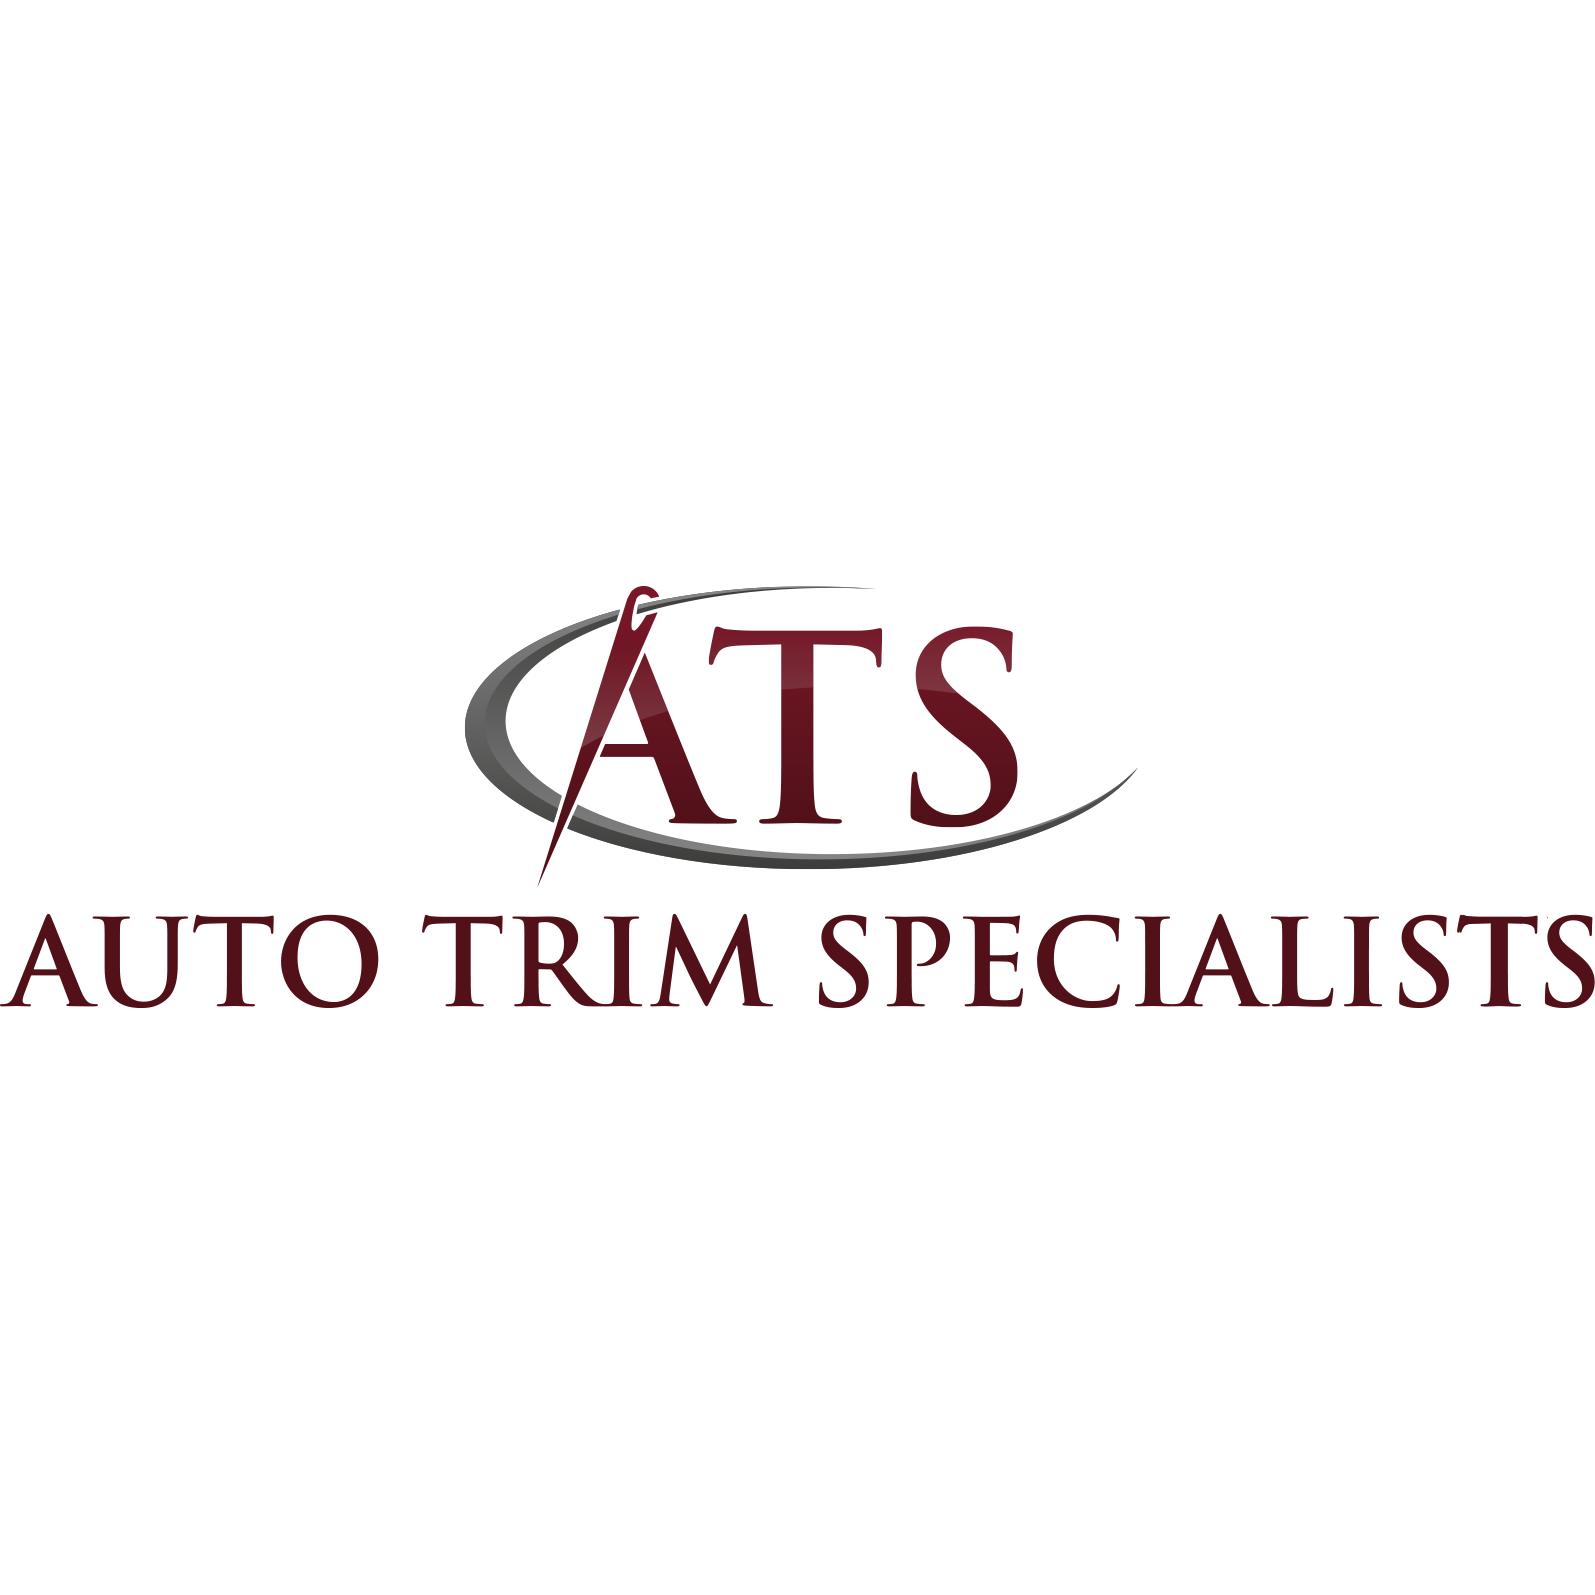 Auto Trim Specialists